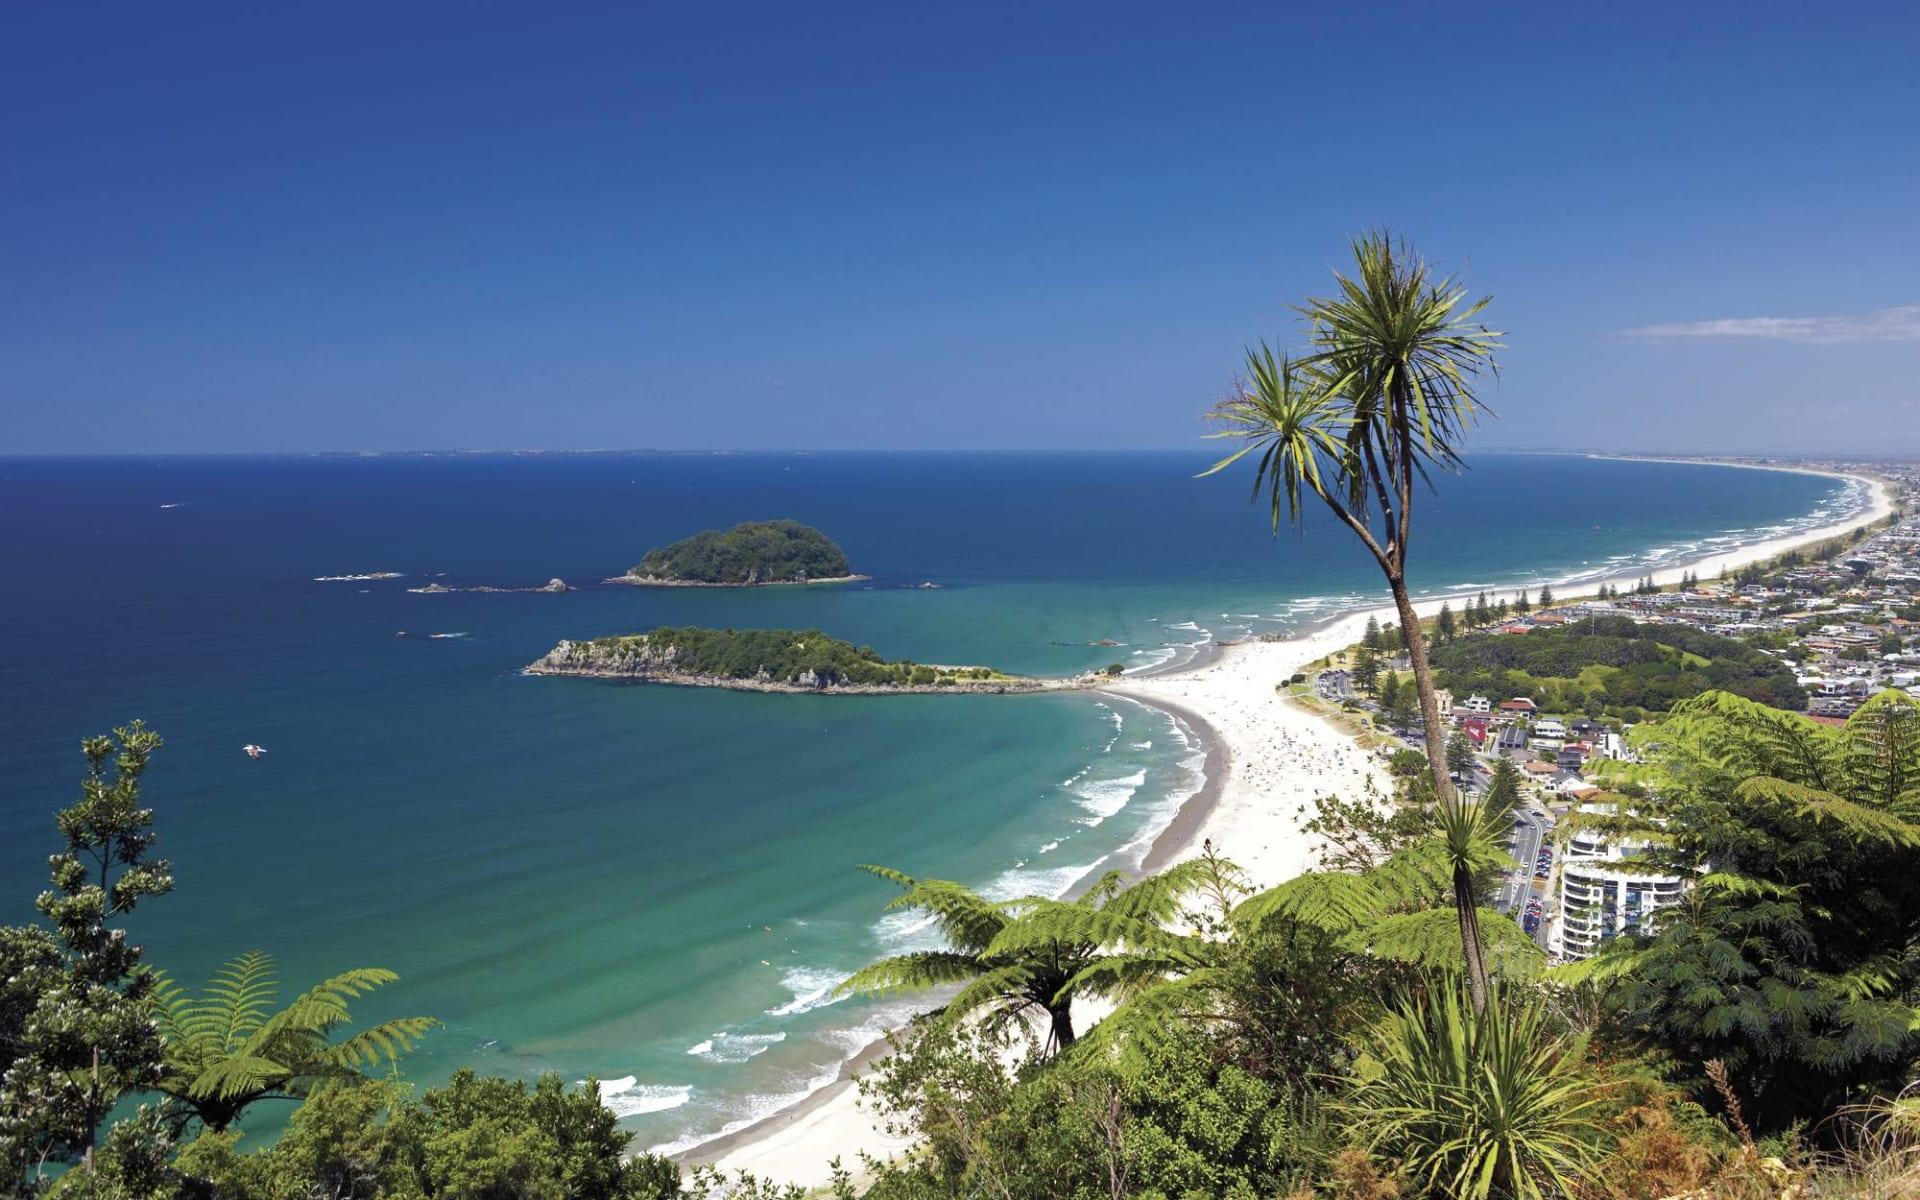 Zauber der Nordinsel ab Auckland: Bay of Islands - Beach